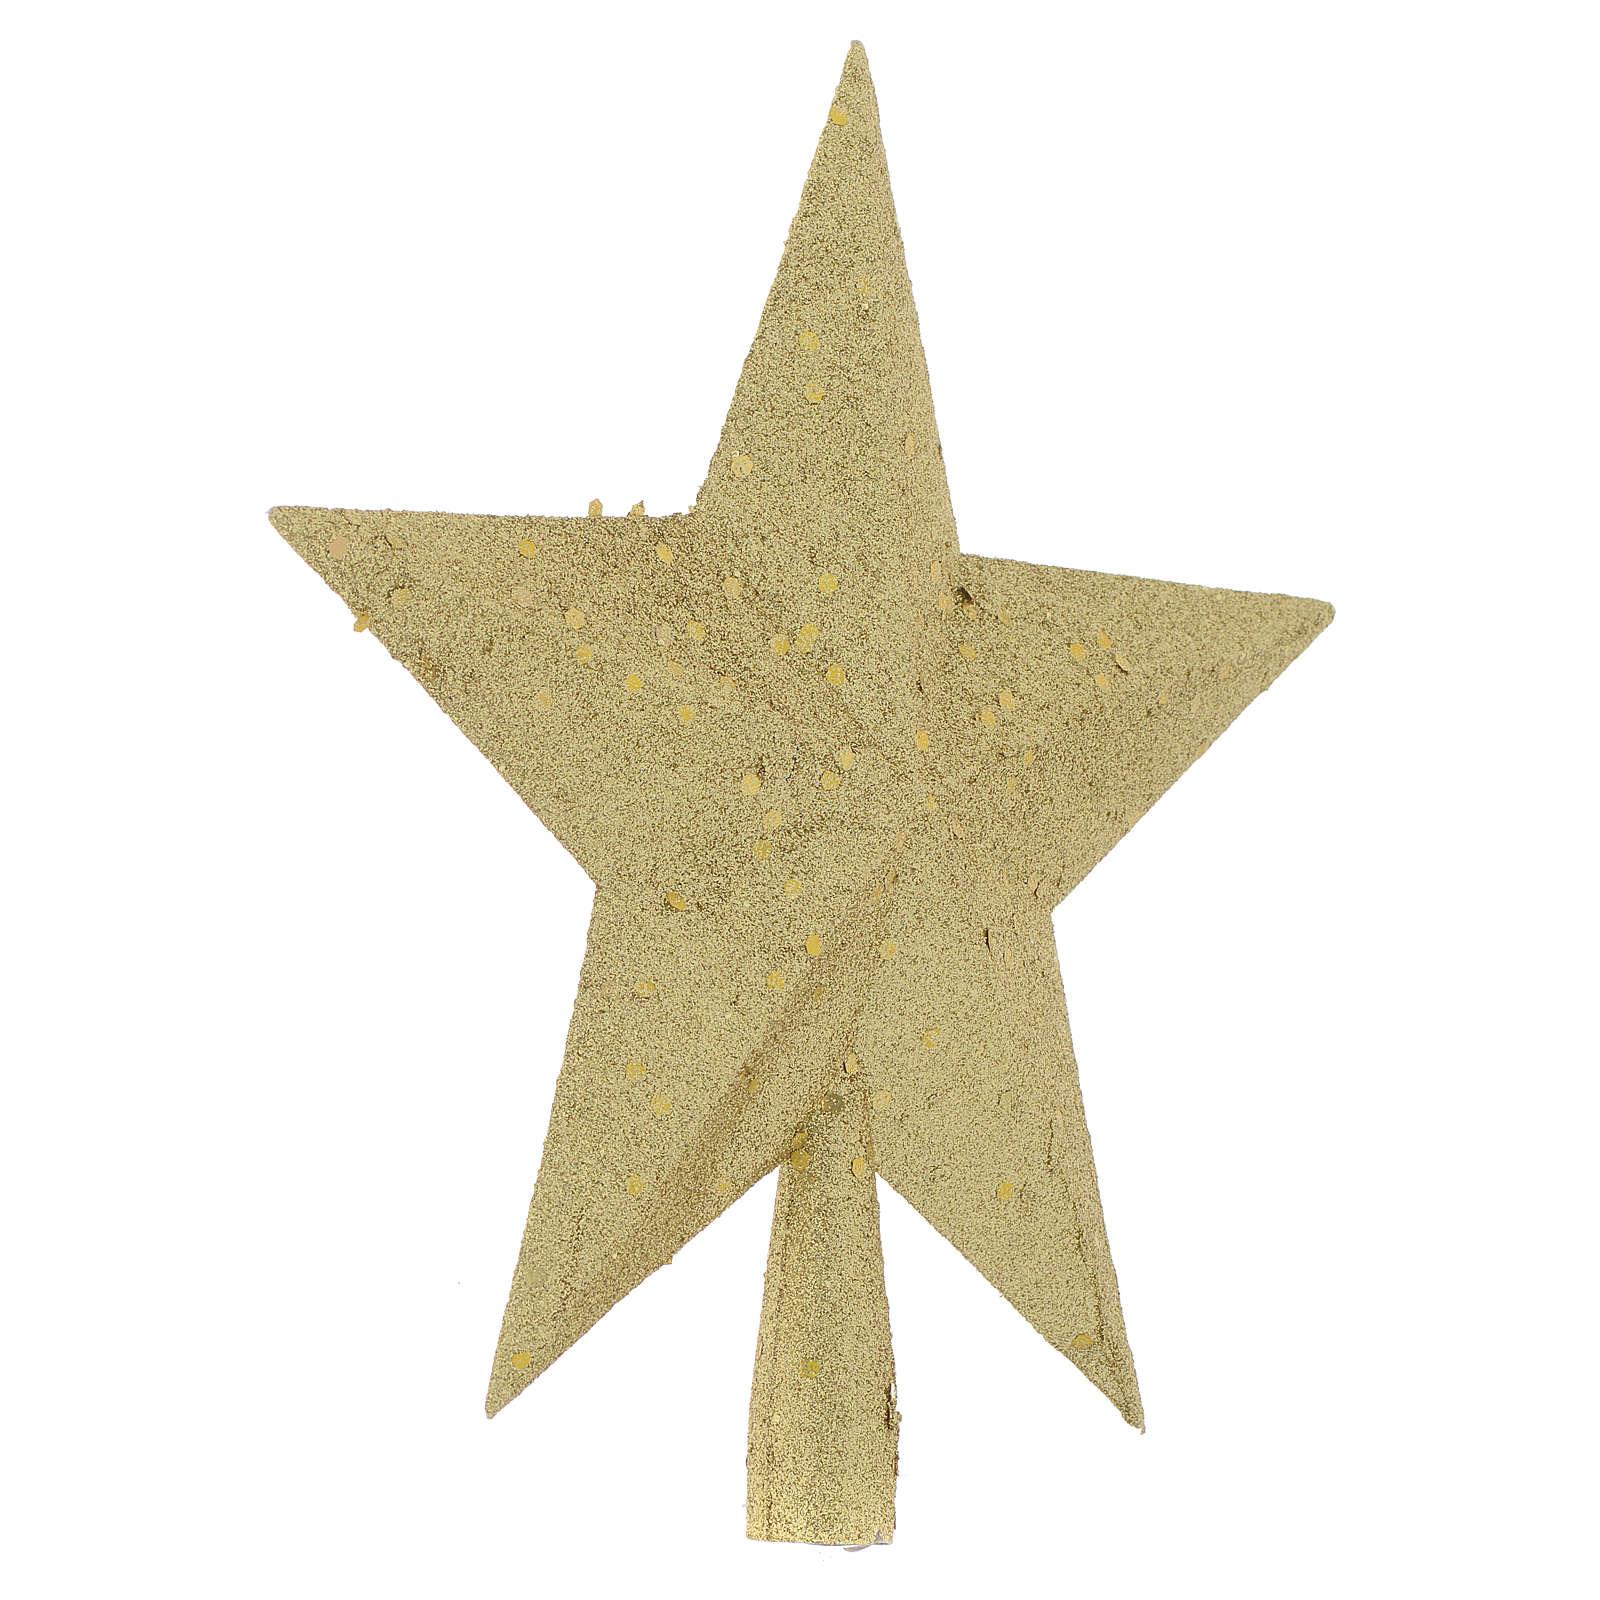 Punta del Árbol de navidad estrella con brillantina dorada 4